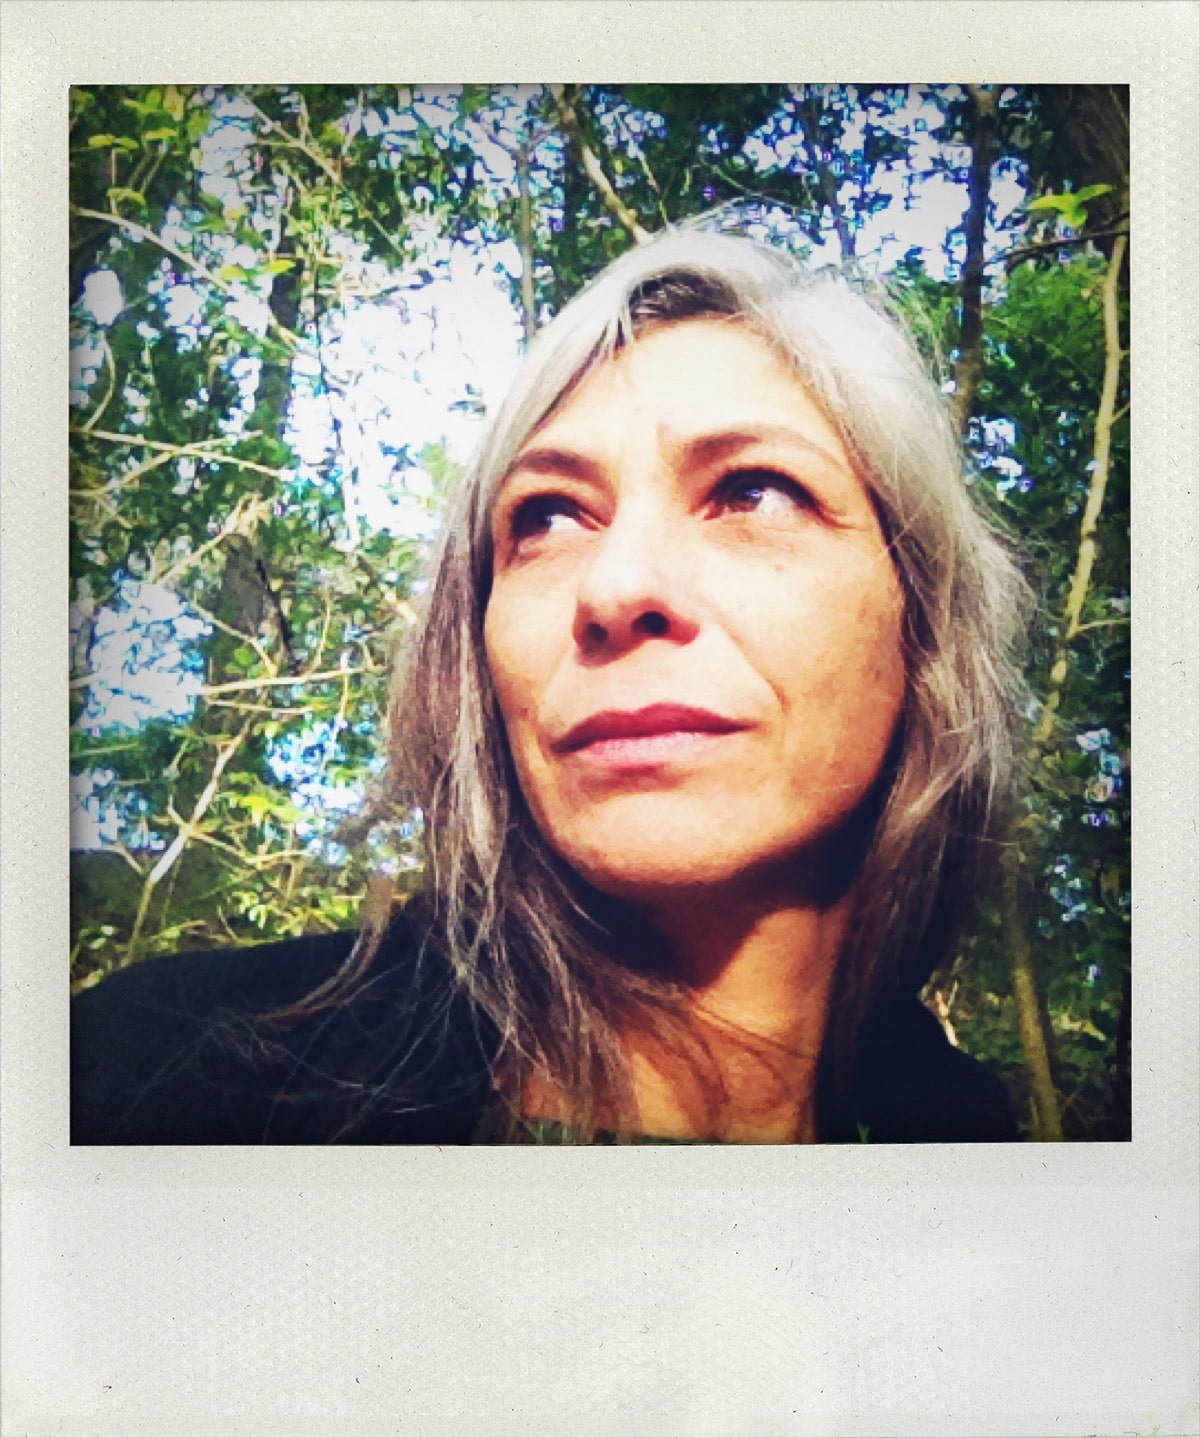 Leonor Keil